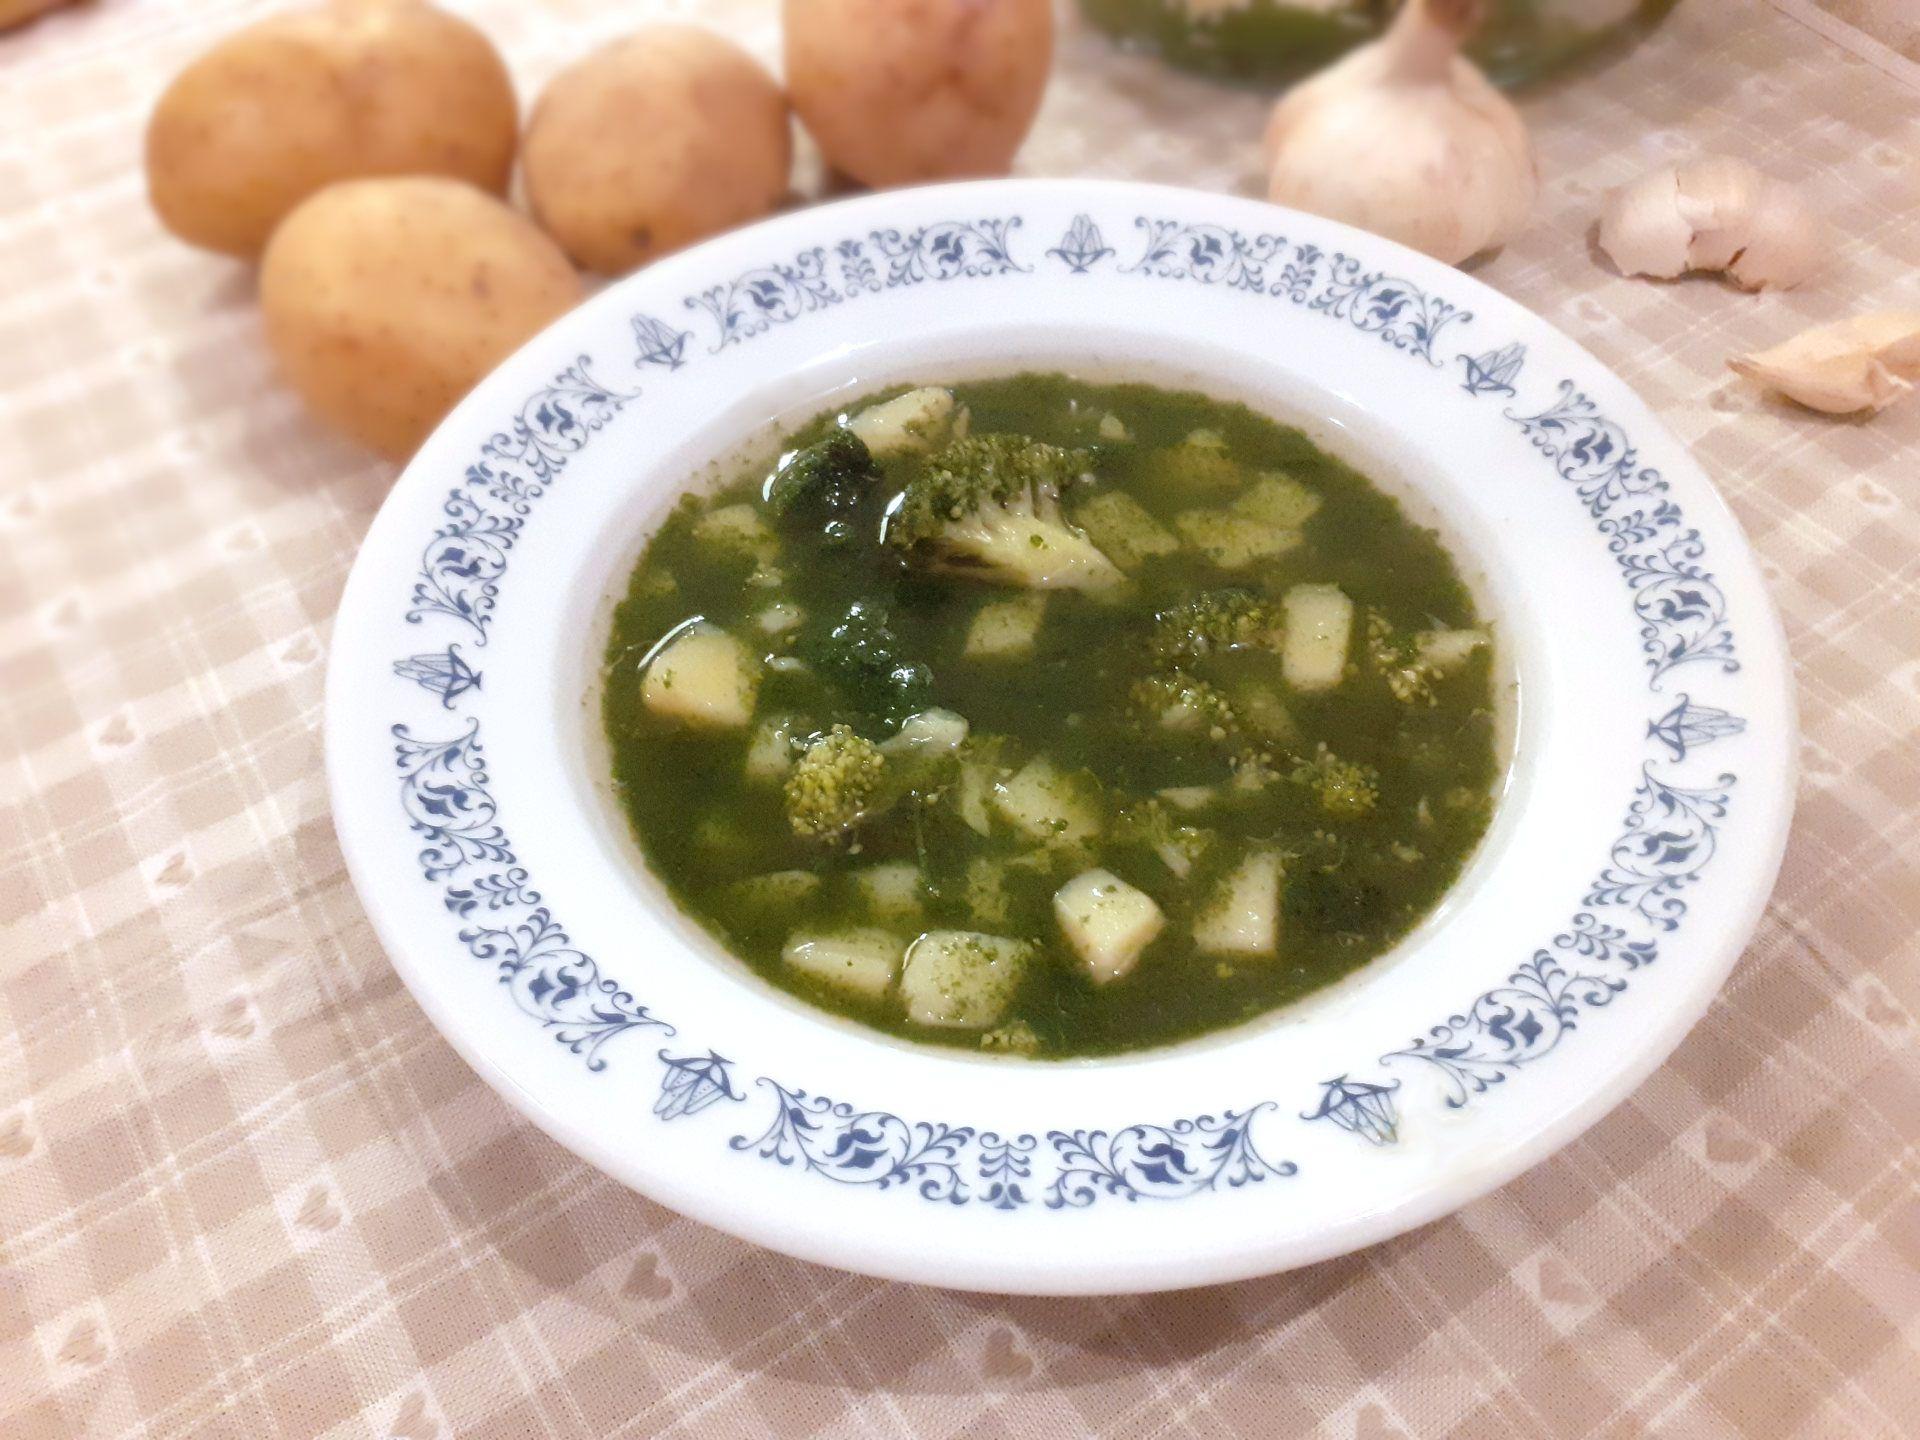 Tanier plný zelenej brokolicovej polievky so špenátom a zemiakmi